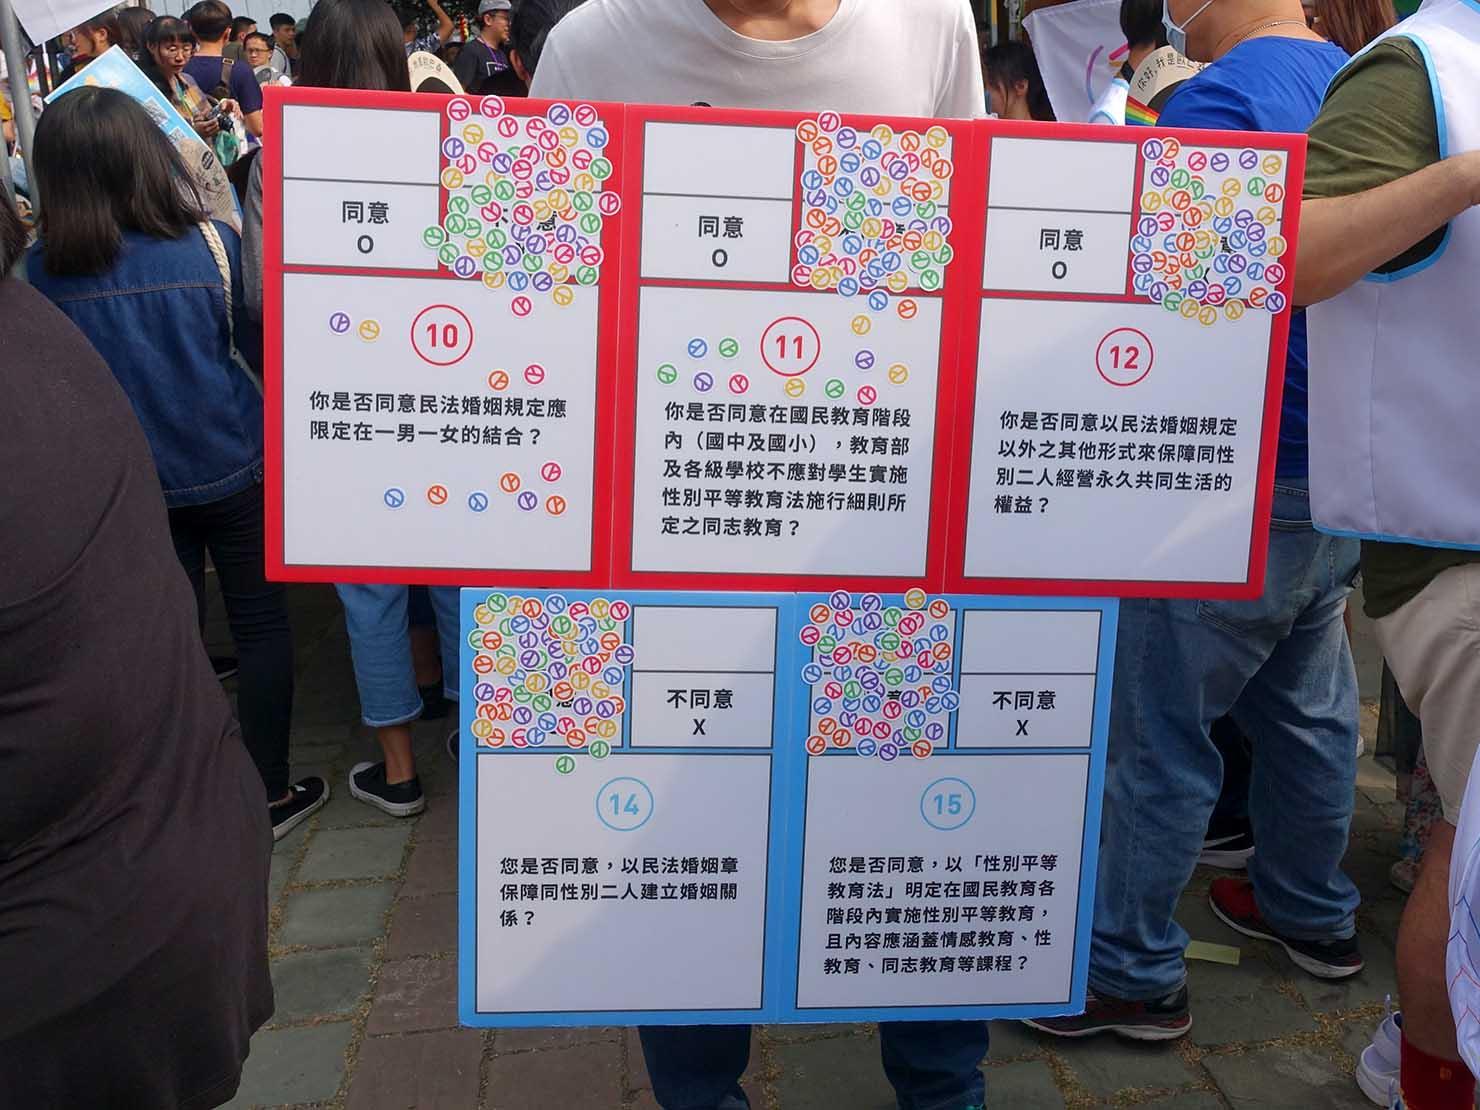 台中同志遊行(台中LGBTプライド)2018会場の国民投票に関するボード